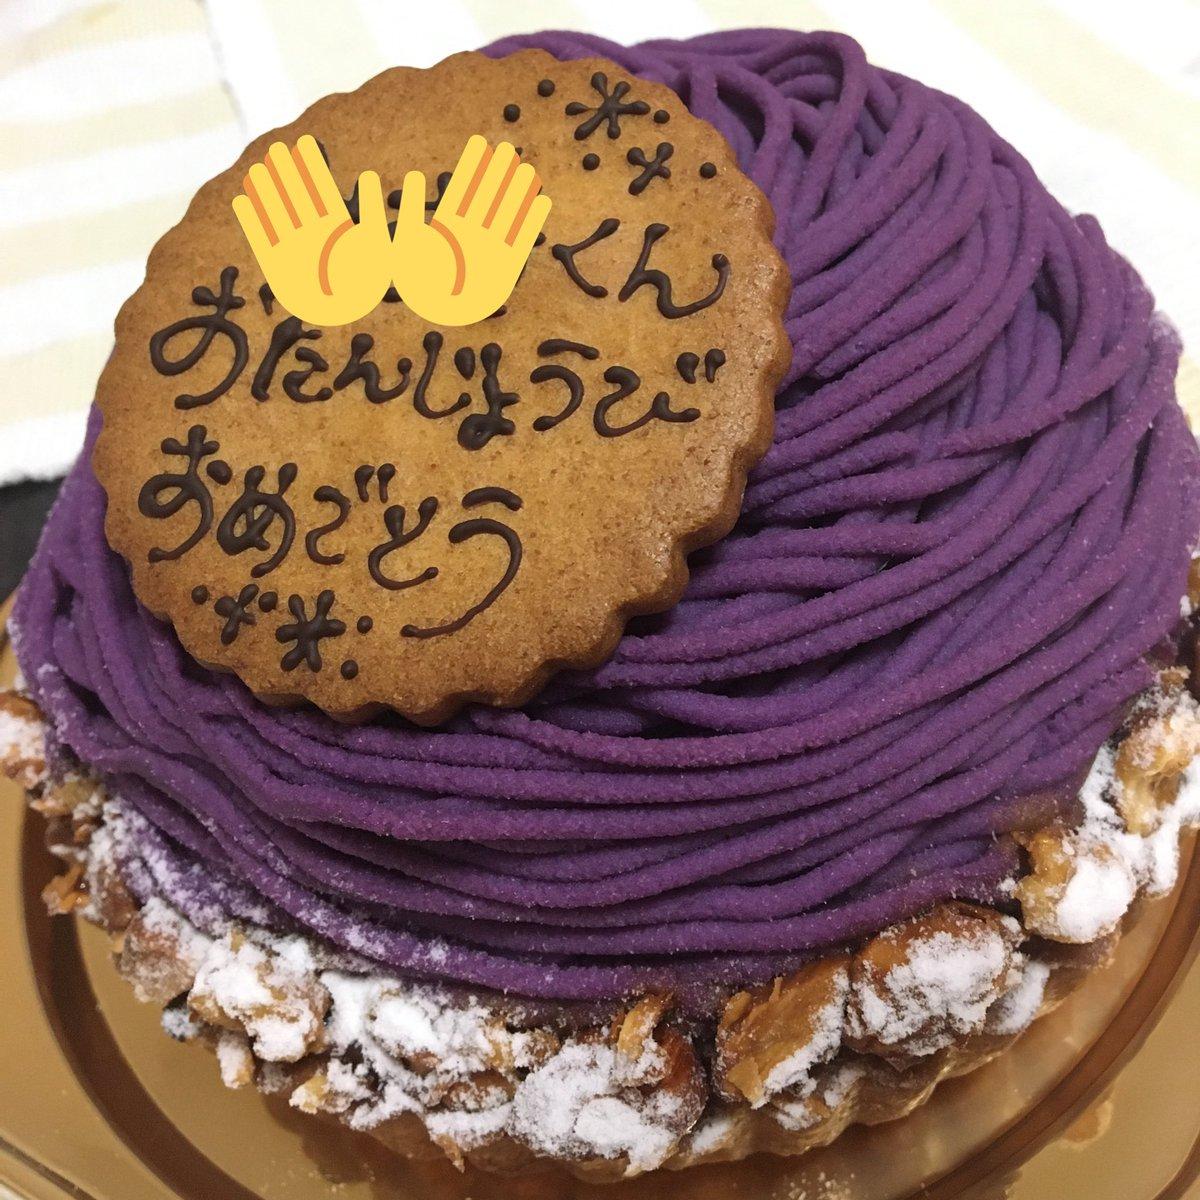 test ツイッターメディア - ちょっと遅くなったけど、我が子の誕生日のお祝い。  豊川駅近くの焼き菓子屋さん #ノワゼット 。 私の大好きなお店にお願いして、オーダーで作ってもらいました♡  モンブランは、子どもの希望で。 洋菓子より和菓子が好きな我が子らしい選択だな〜 https://t.co/AAXHeHS6l5